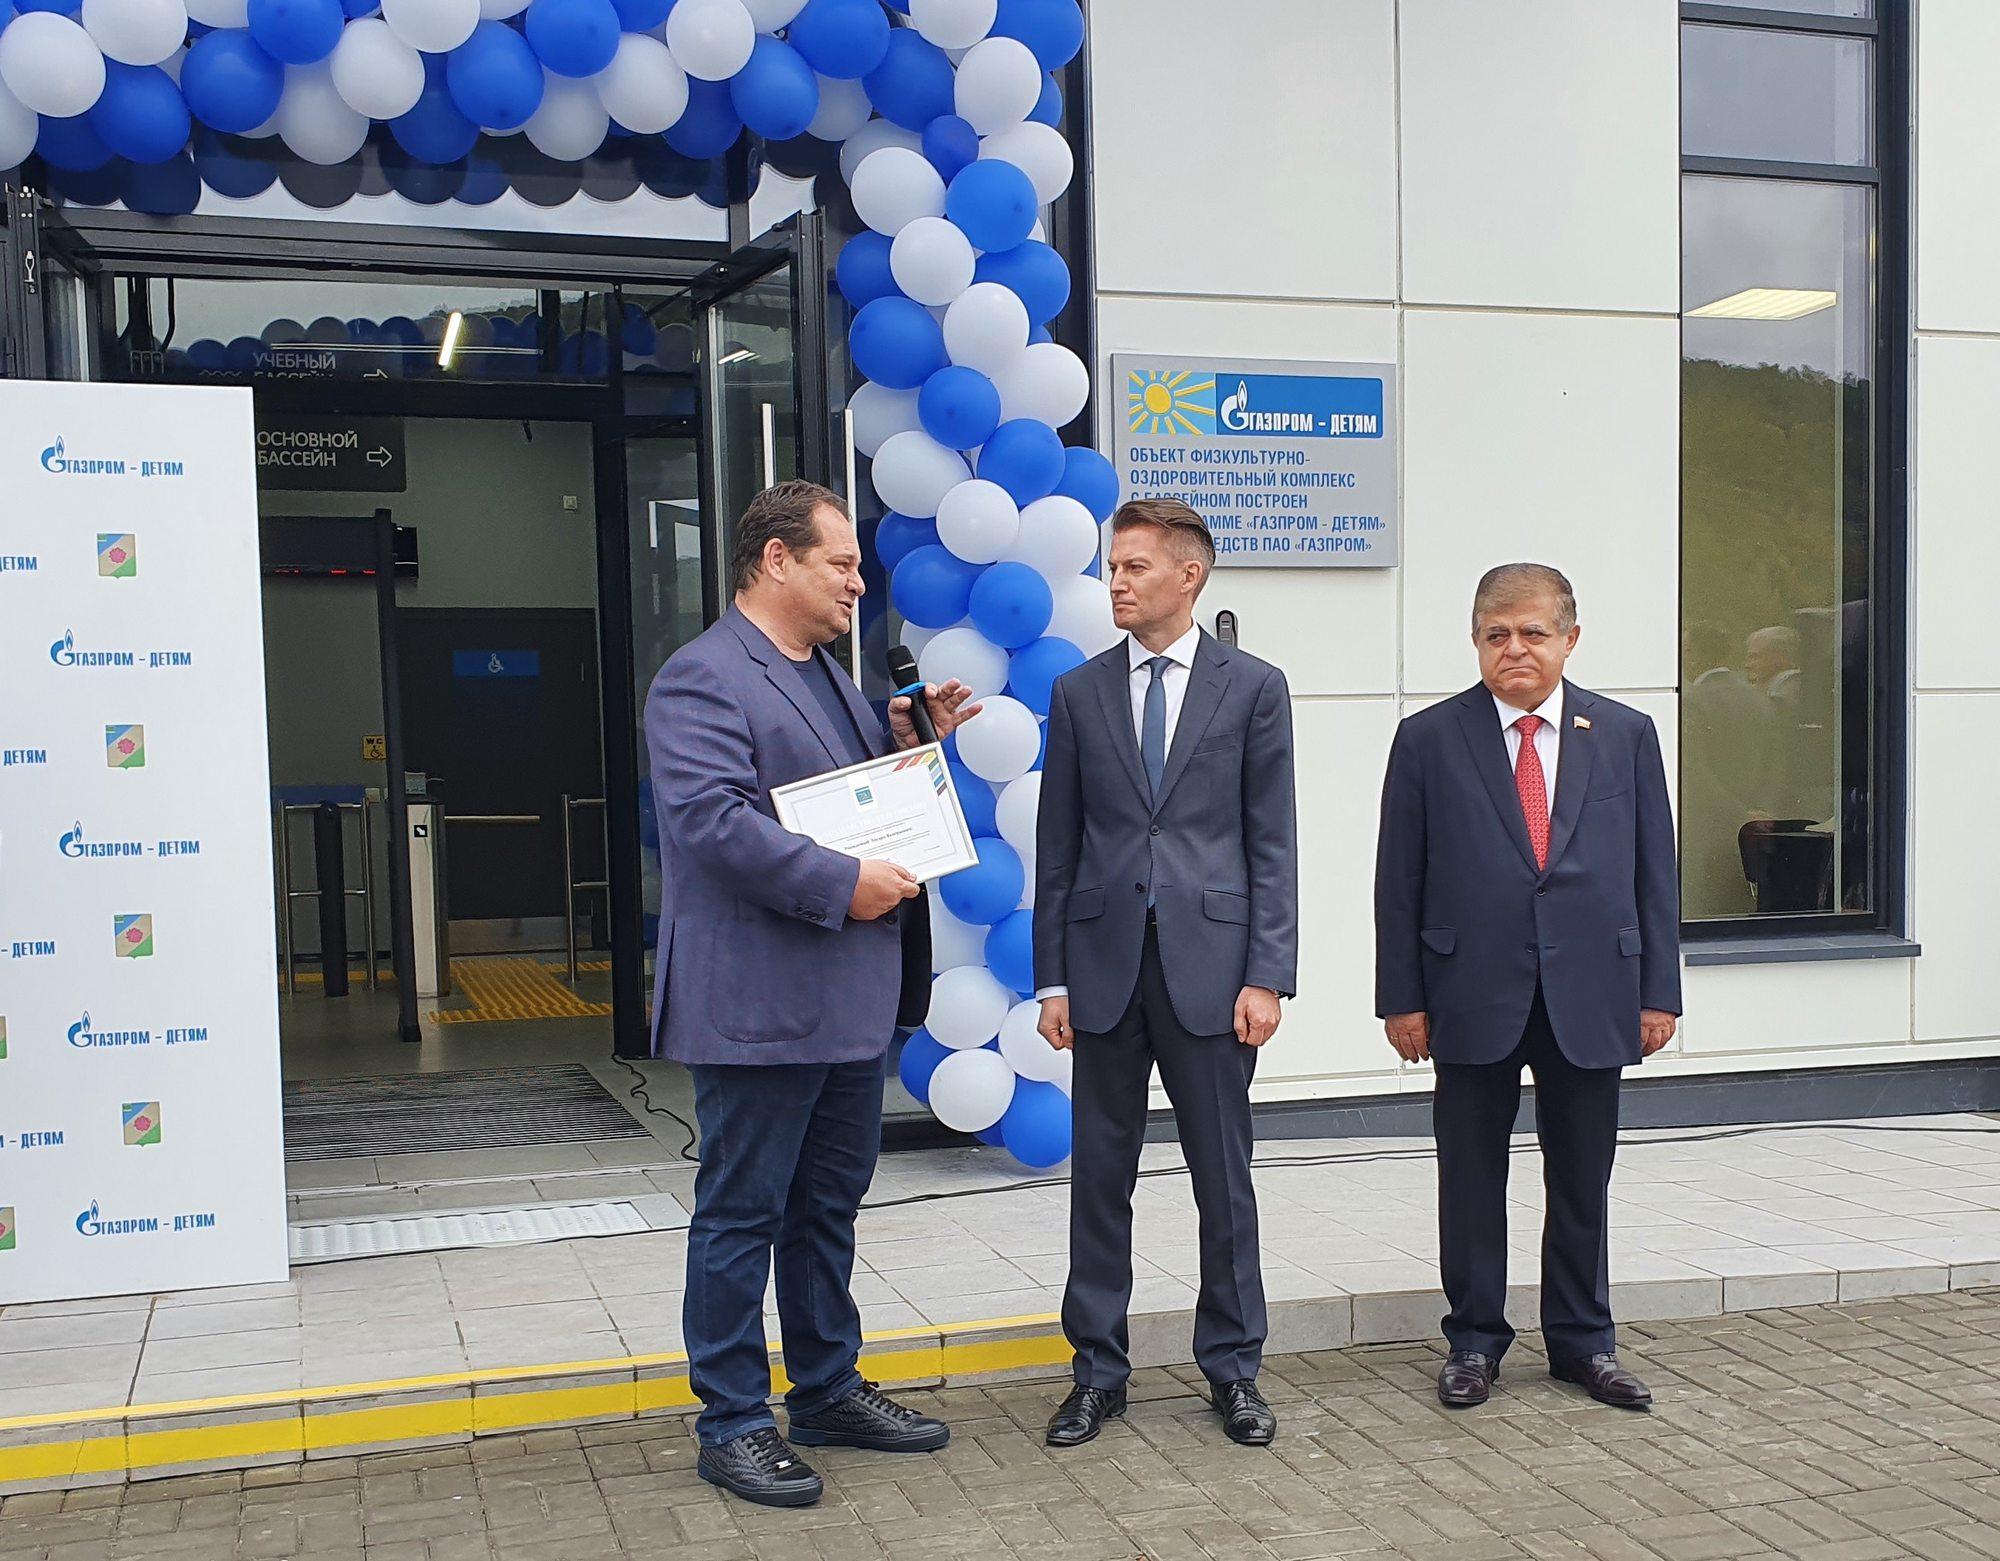 В Облучье Еврейской АО открылся новый ФОК с бассейном, построенный по программе «Газпром — детям»